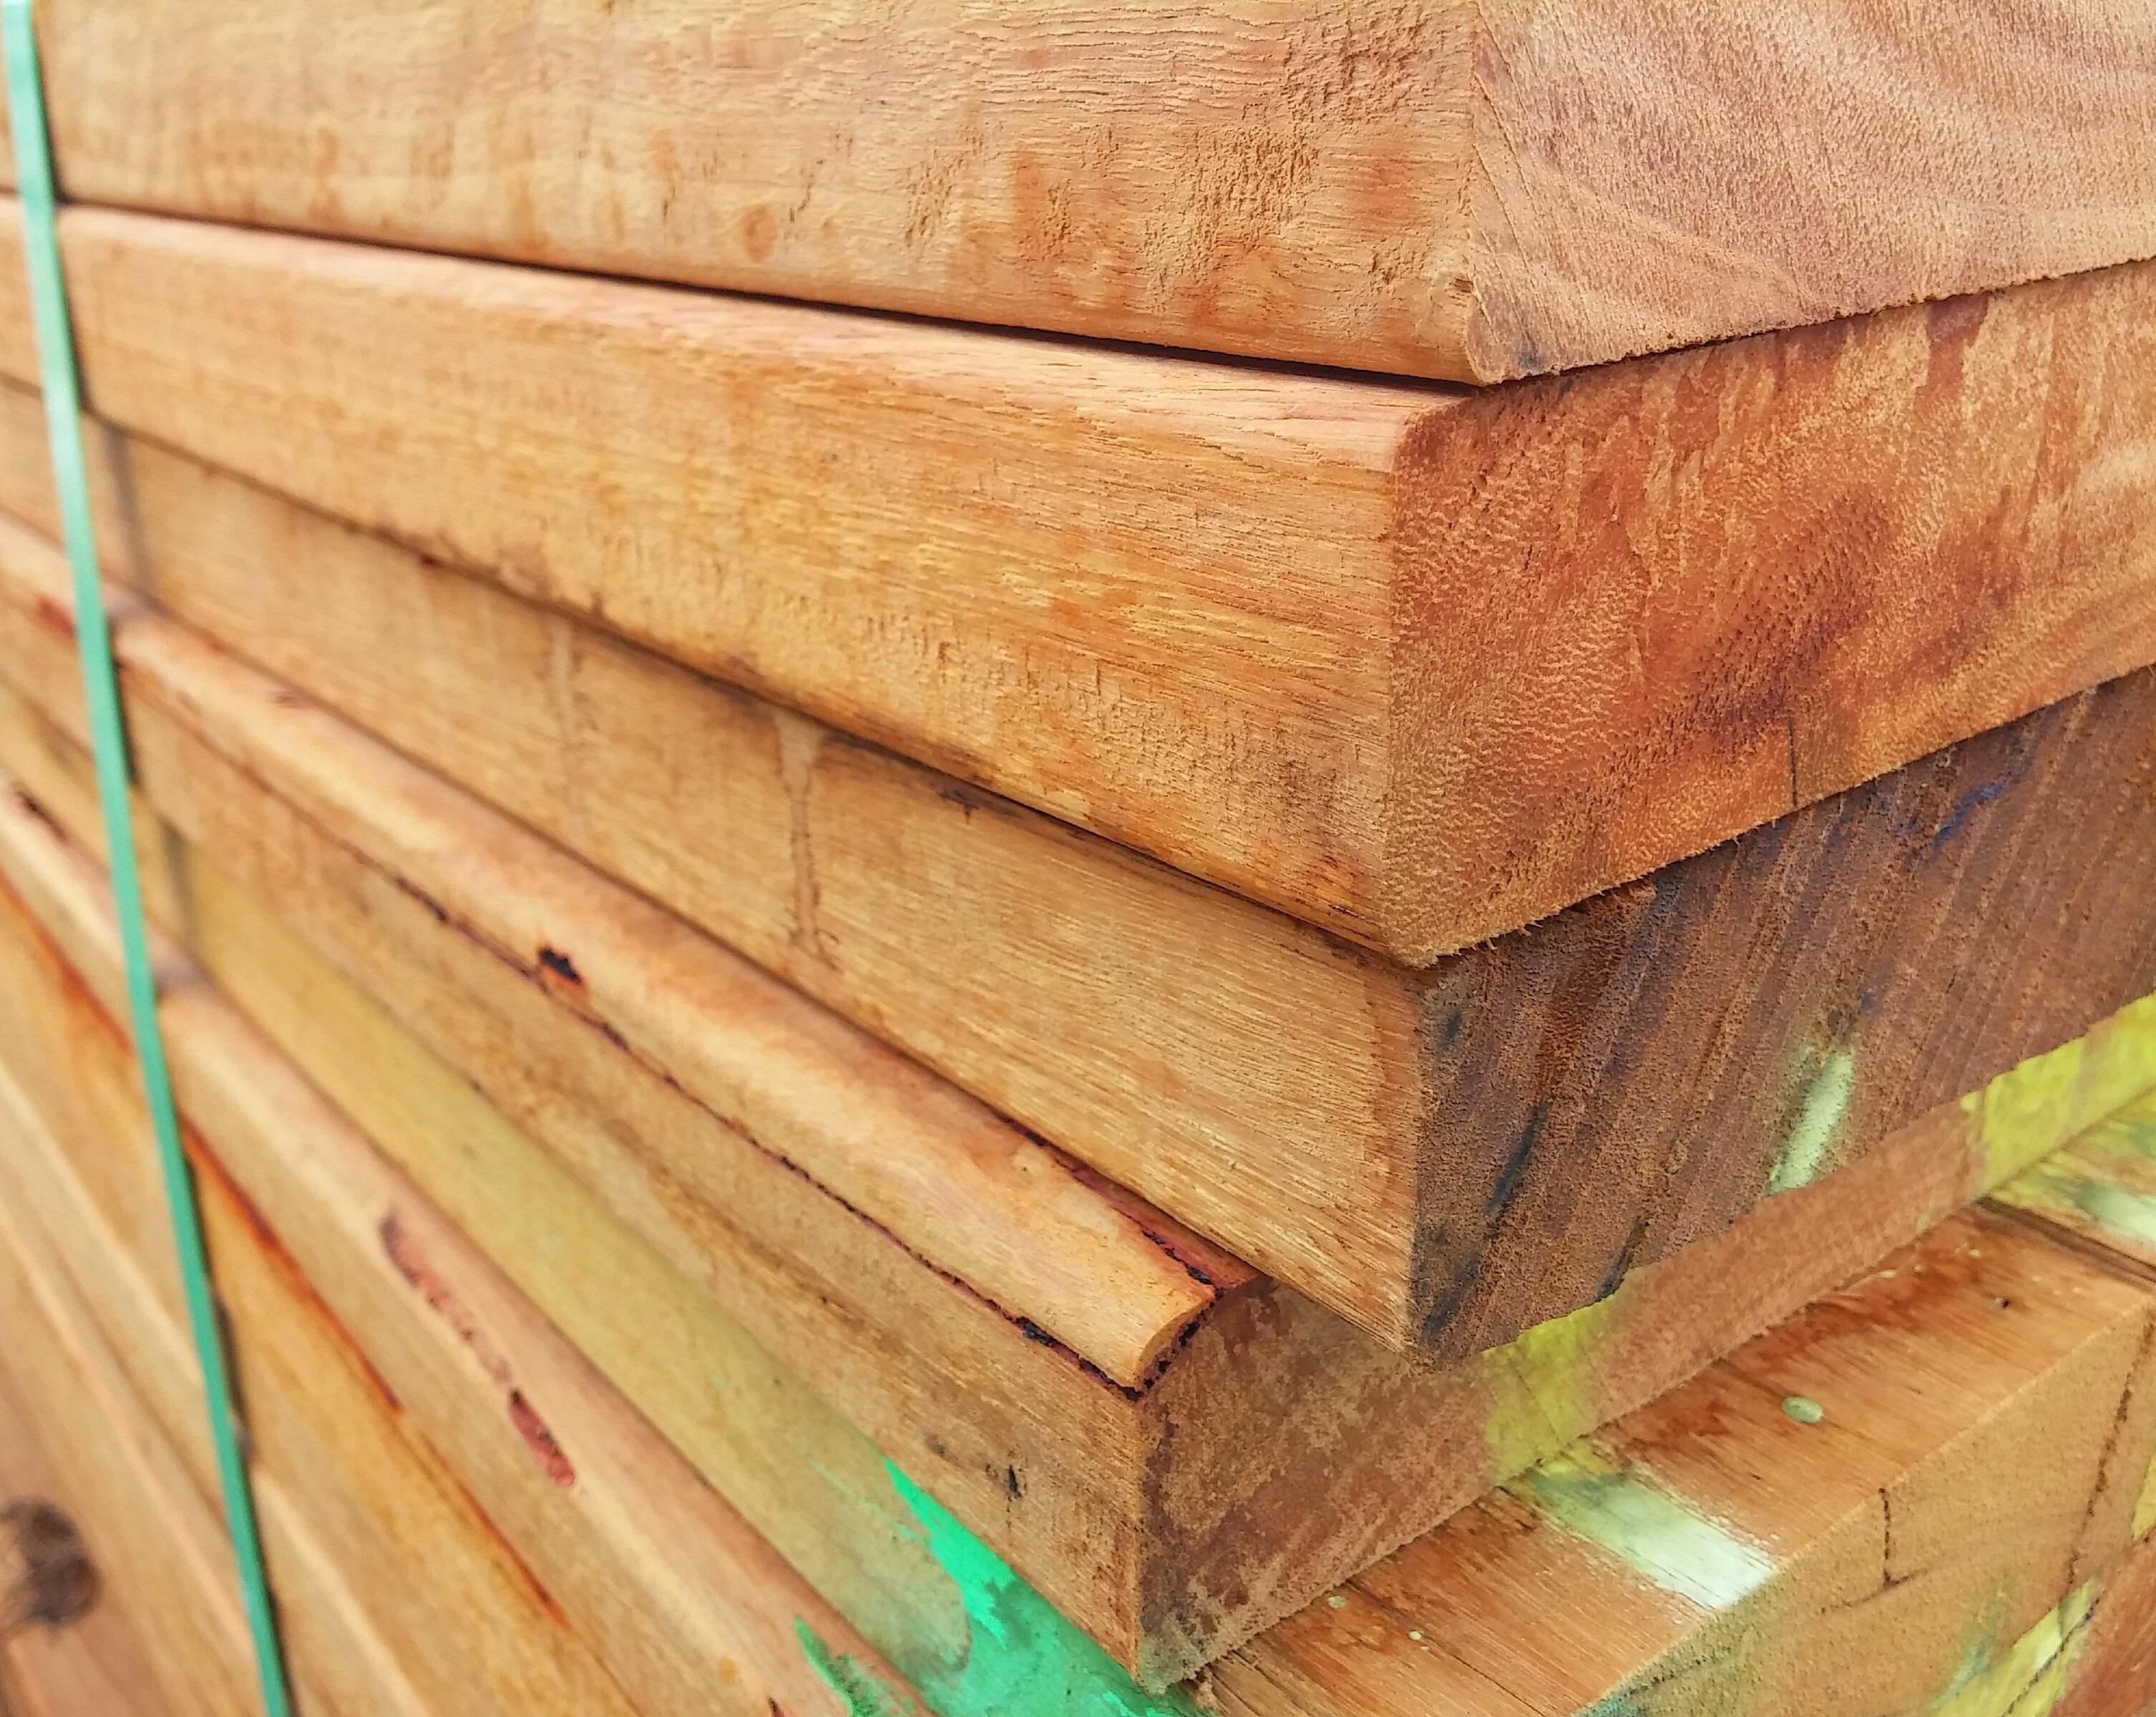 Fotos gratis : piso, edificio, haz, mueble, maderas, madera dura ...